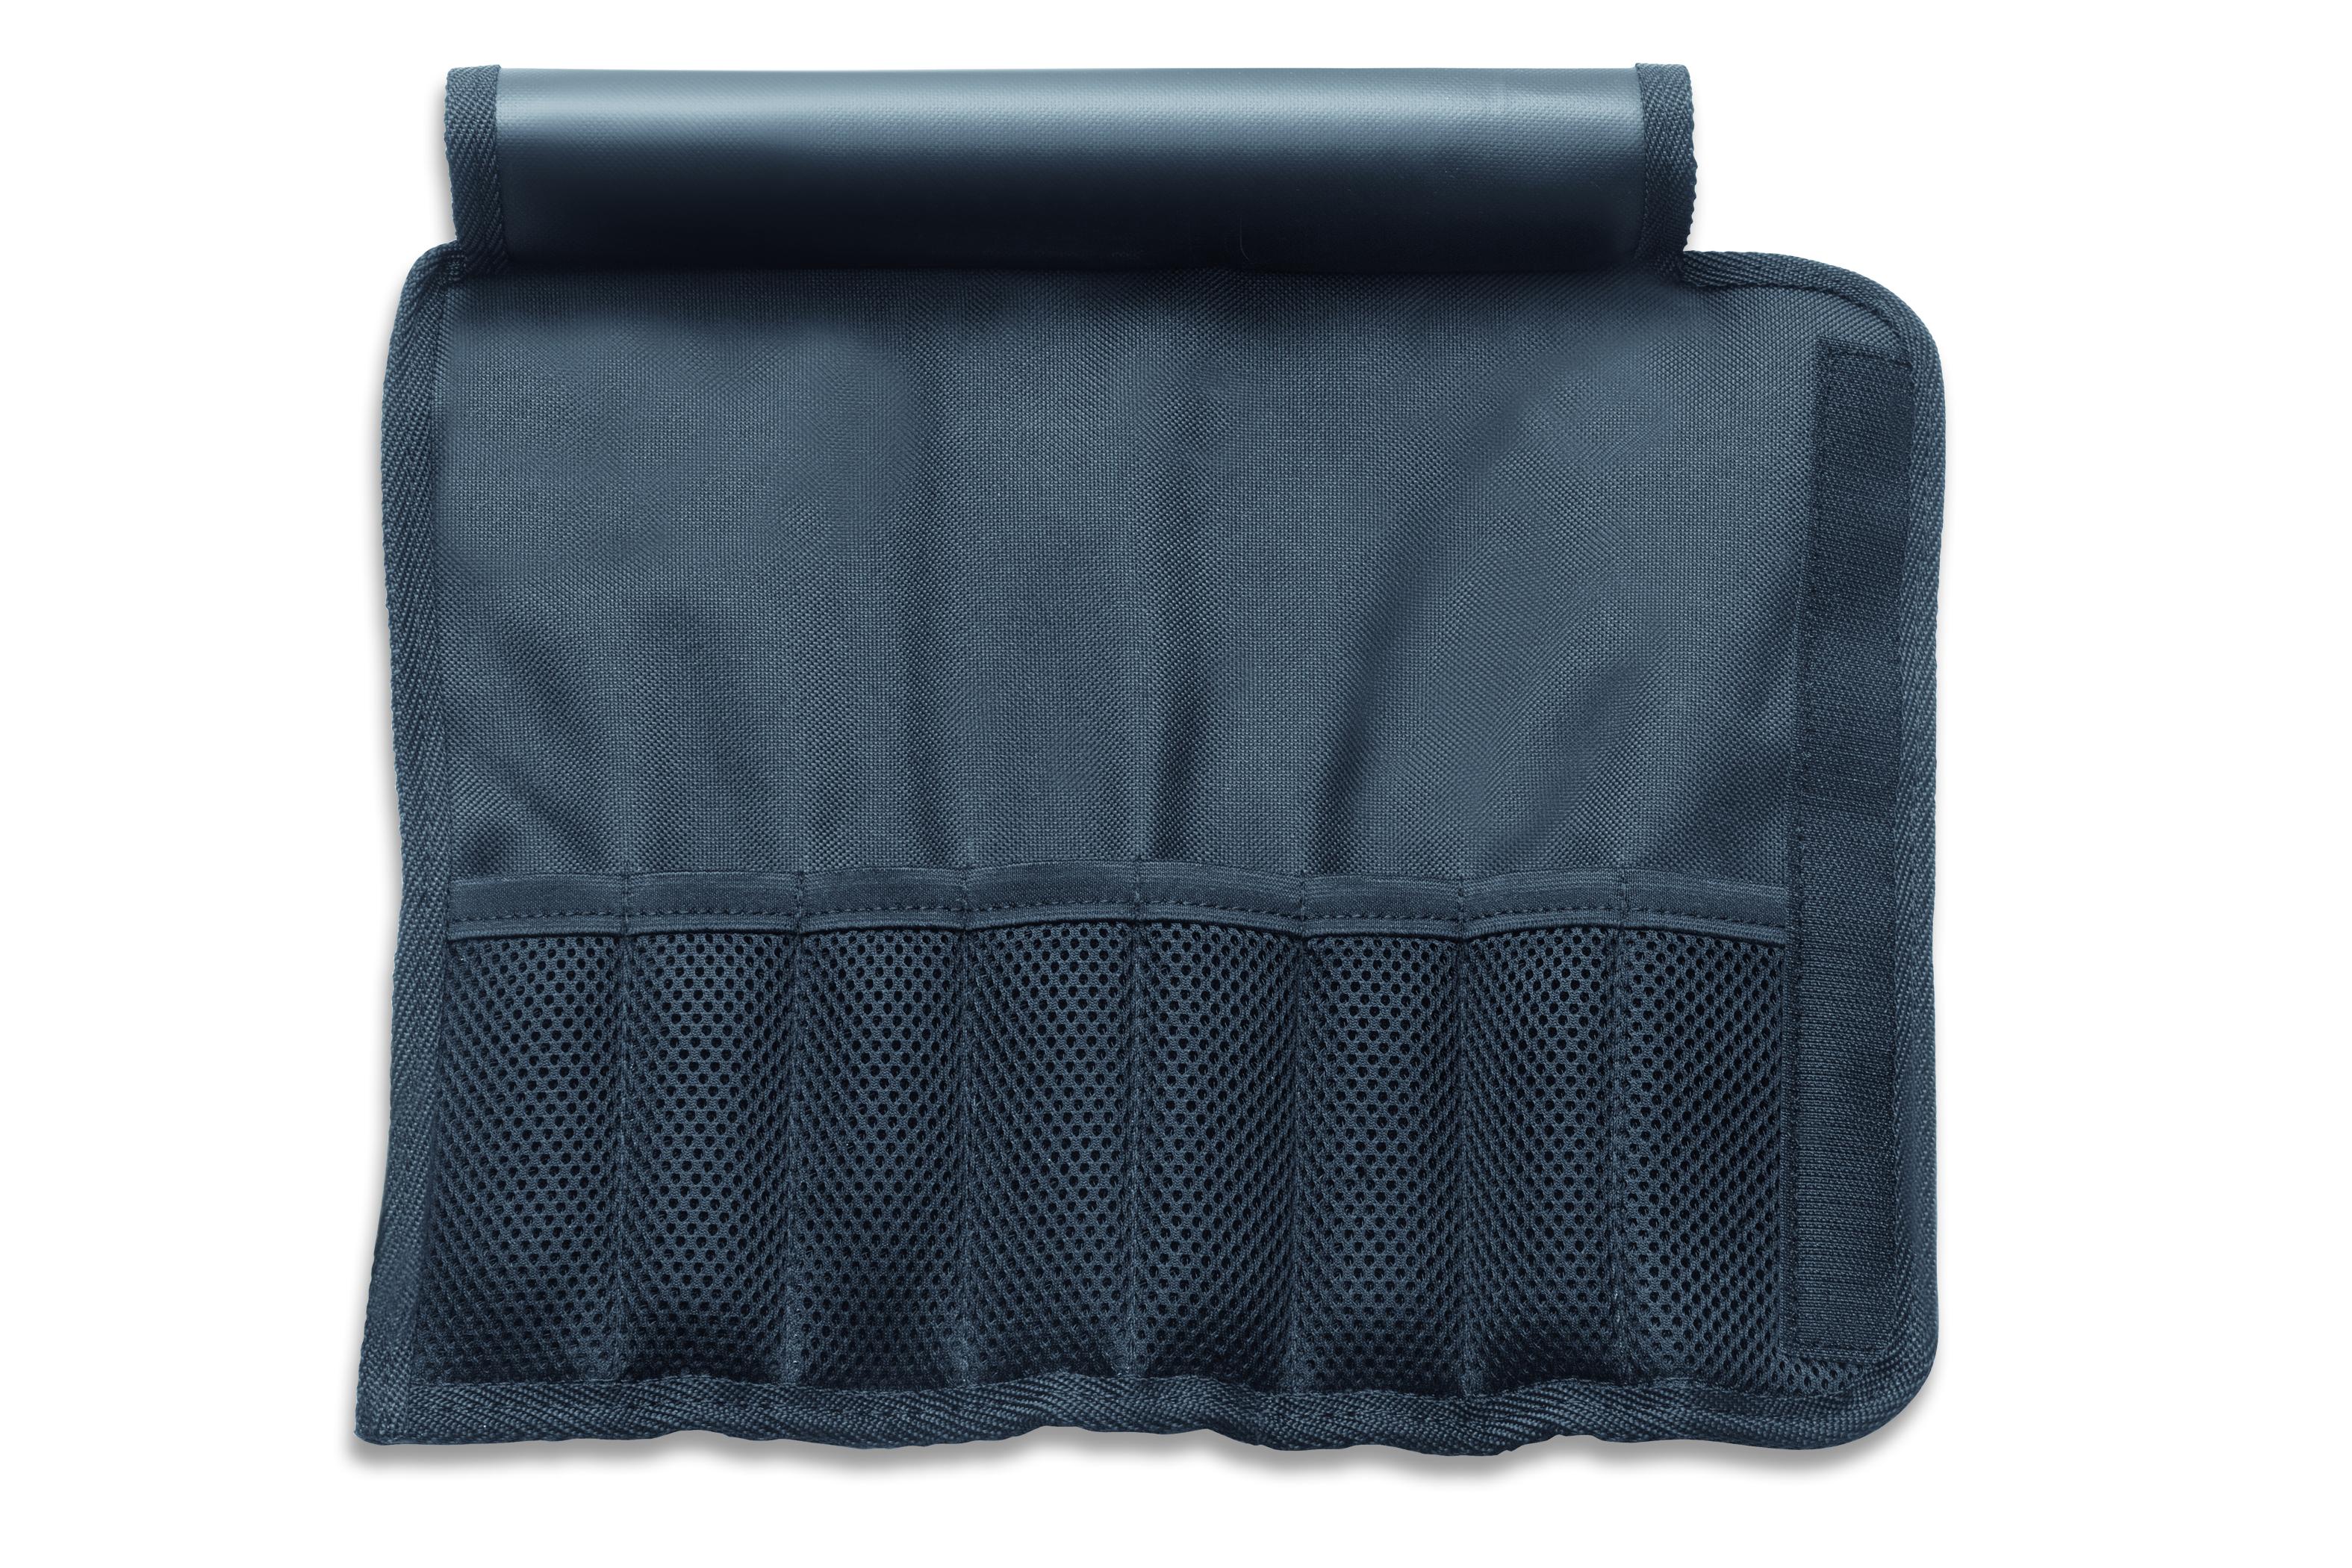 Textil-Rolltasche für Garnierwerkzeug 8-tlg., waschbar, leer